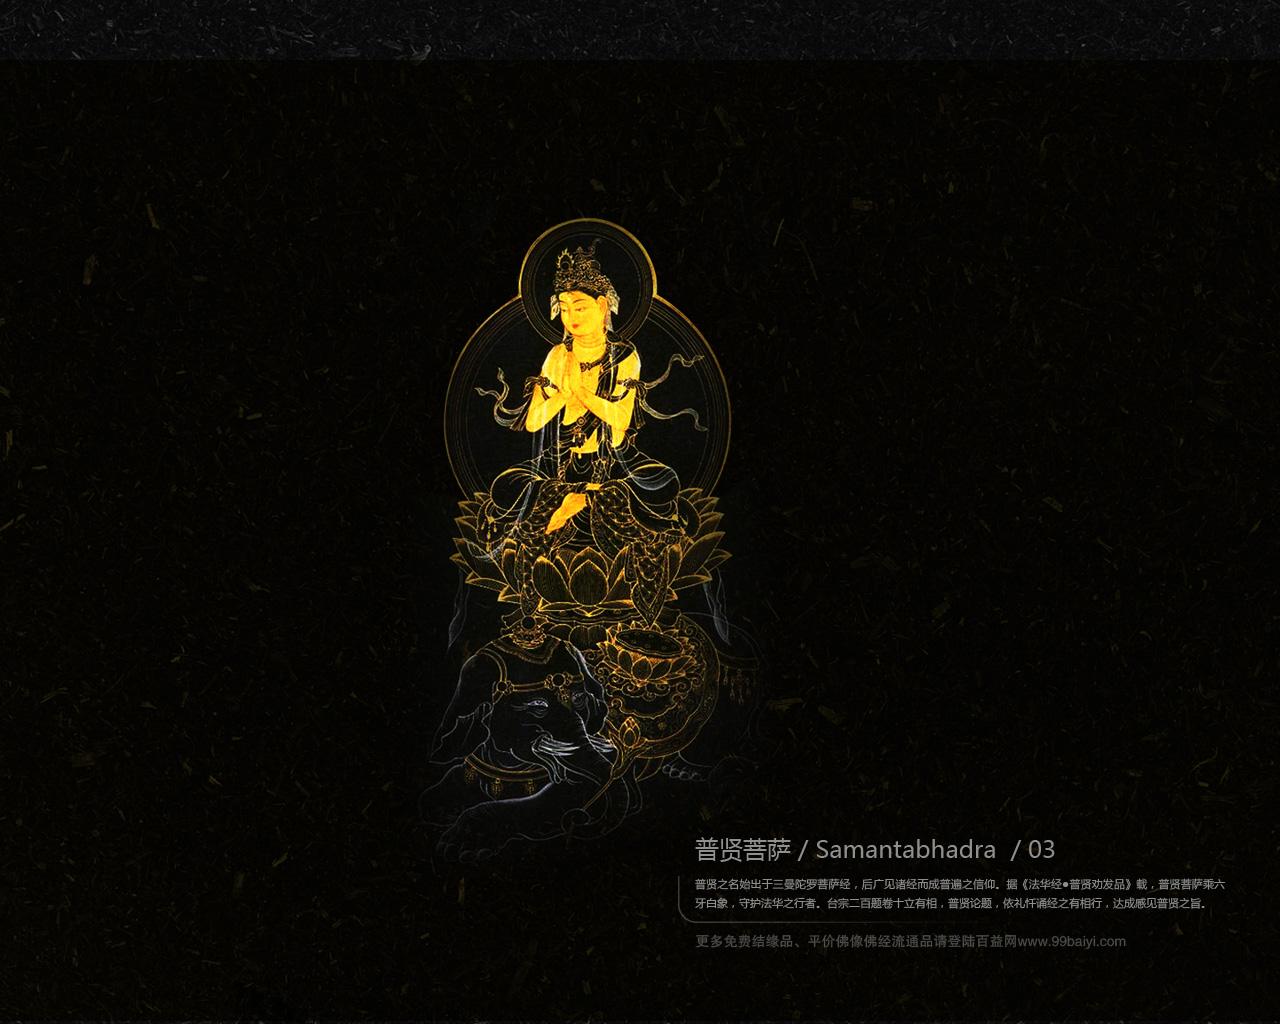 佛教高清手机壁纸 佛教壁纸高清图片 电脑佛教桌面 ...